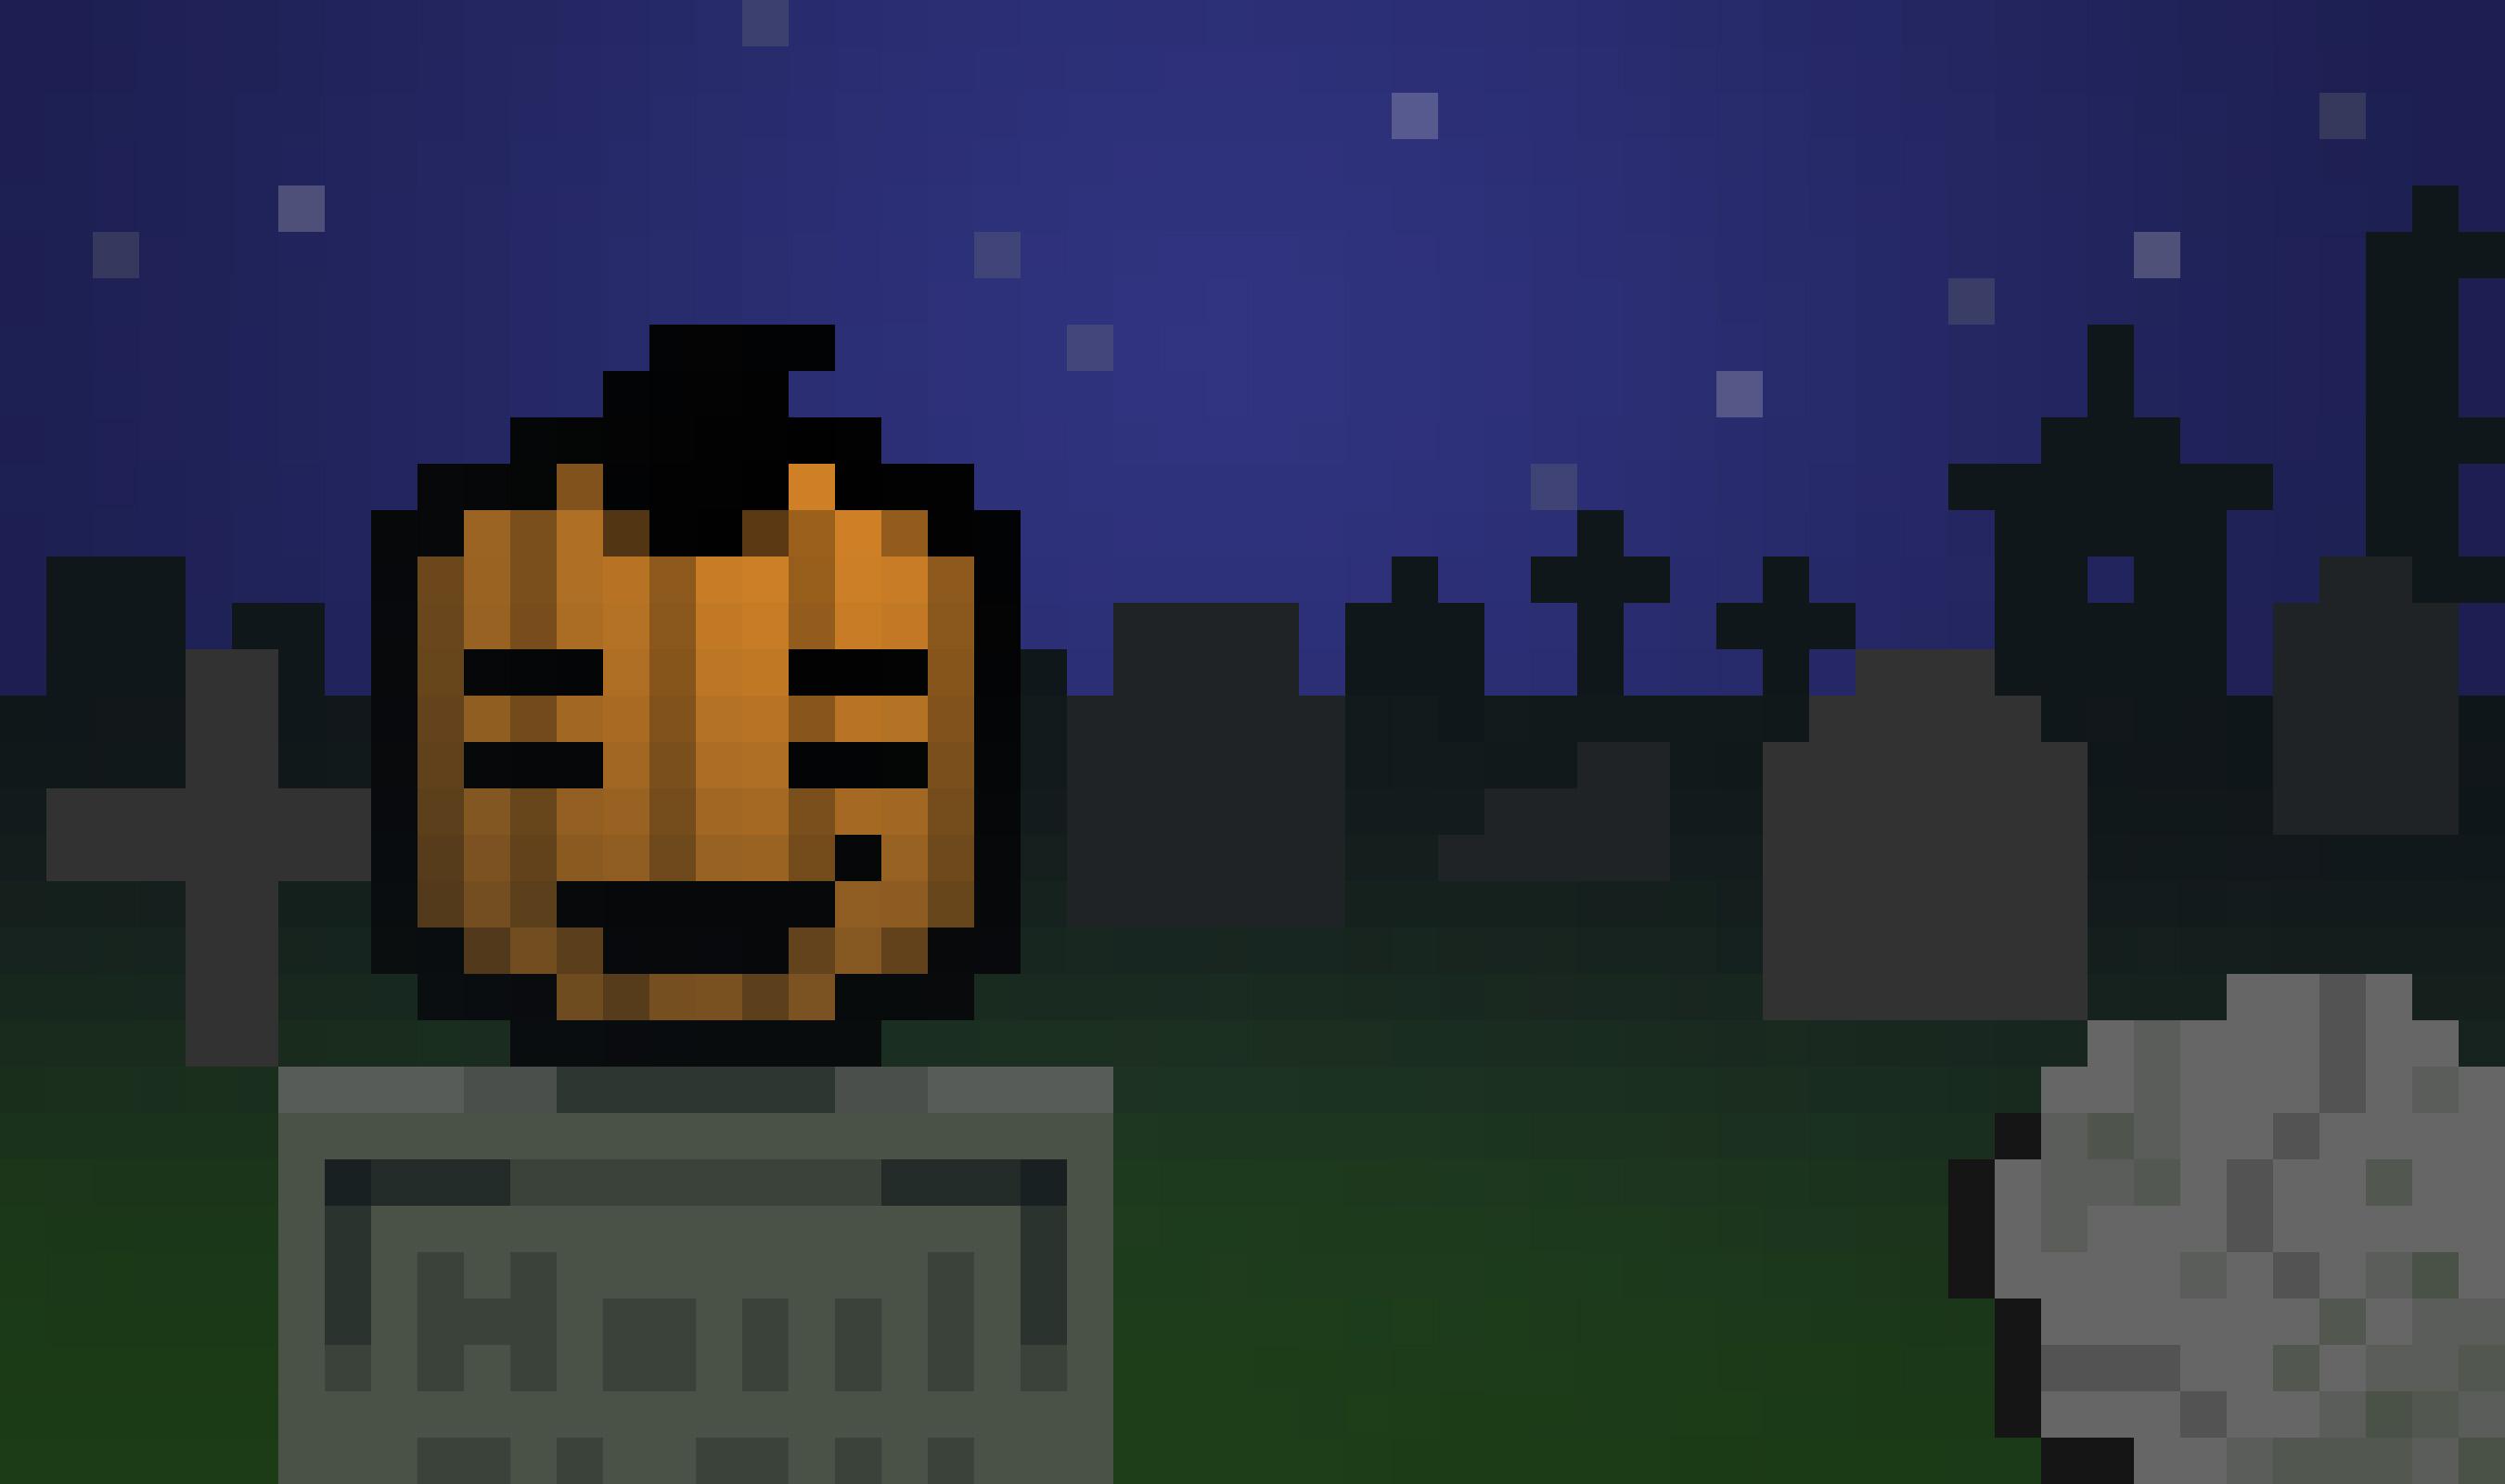 boingboing.net - Rob Beschizza - Halloween Gift Guide